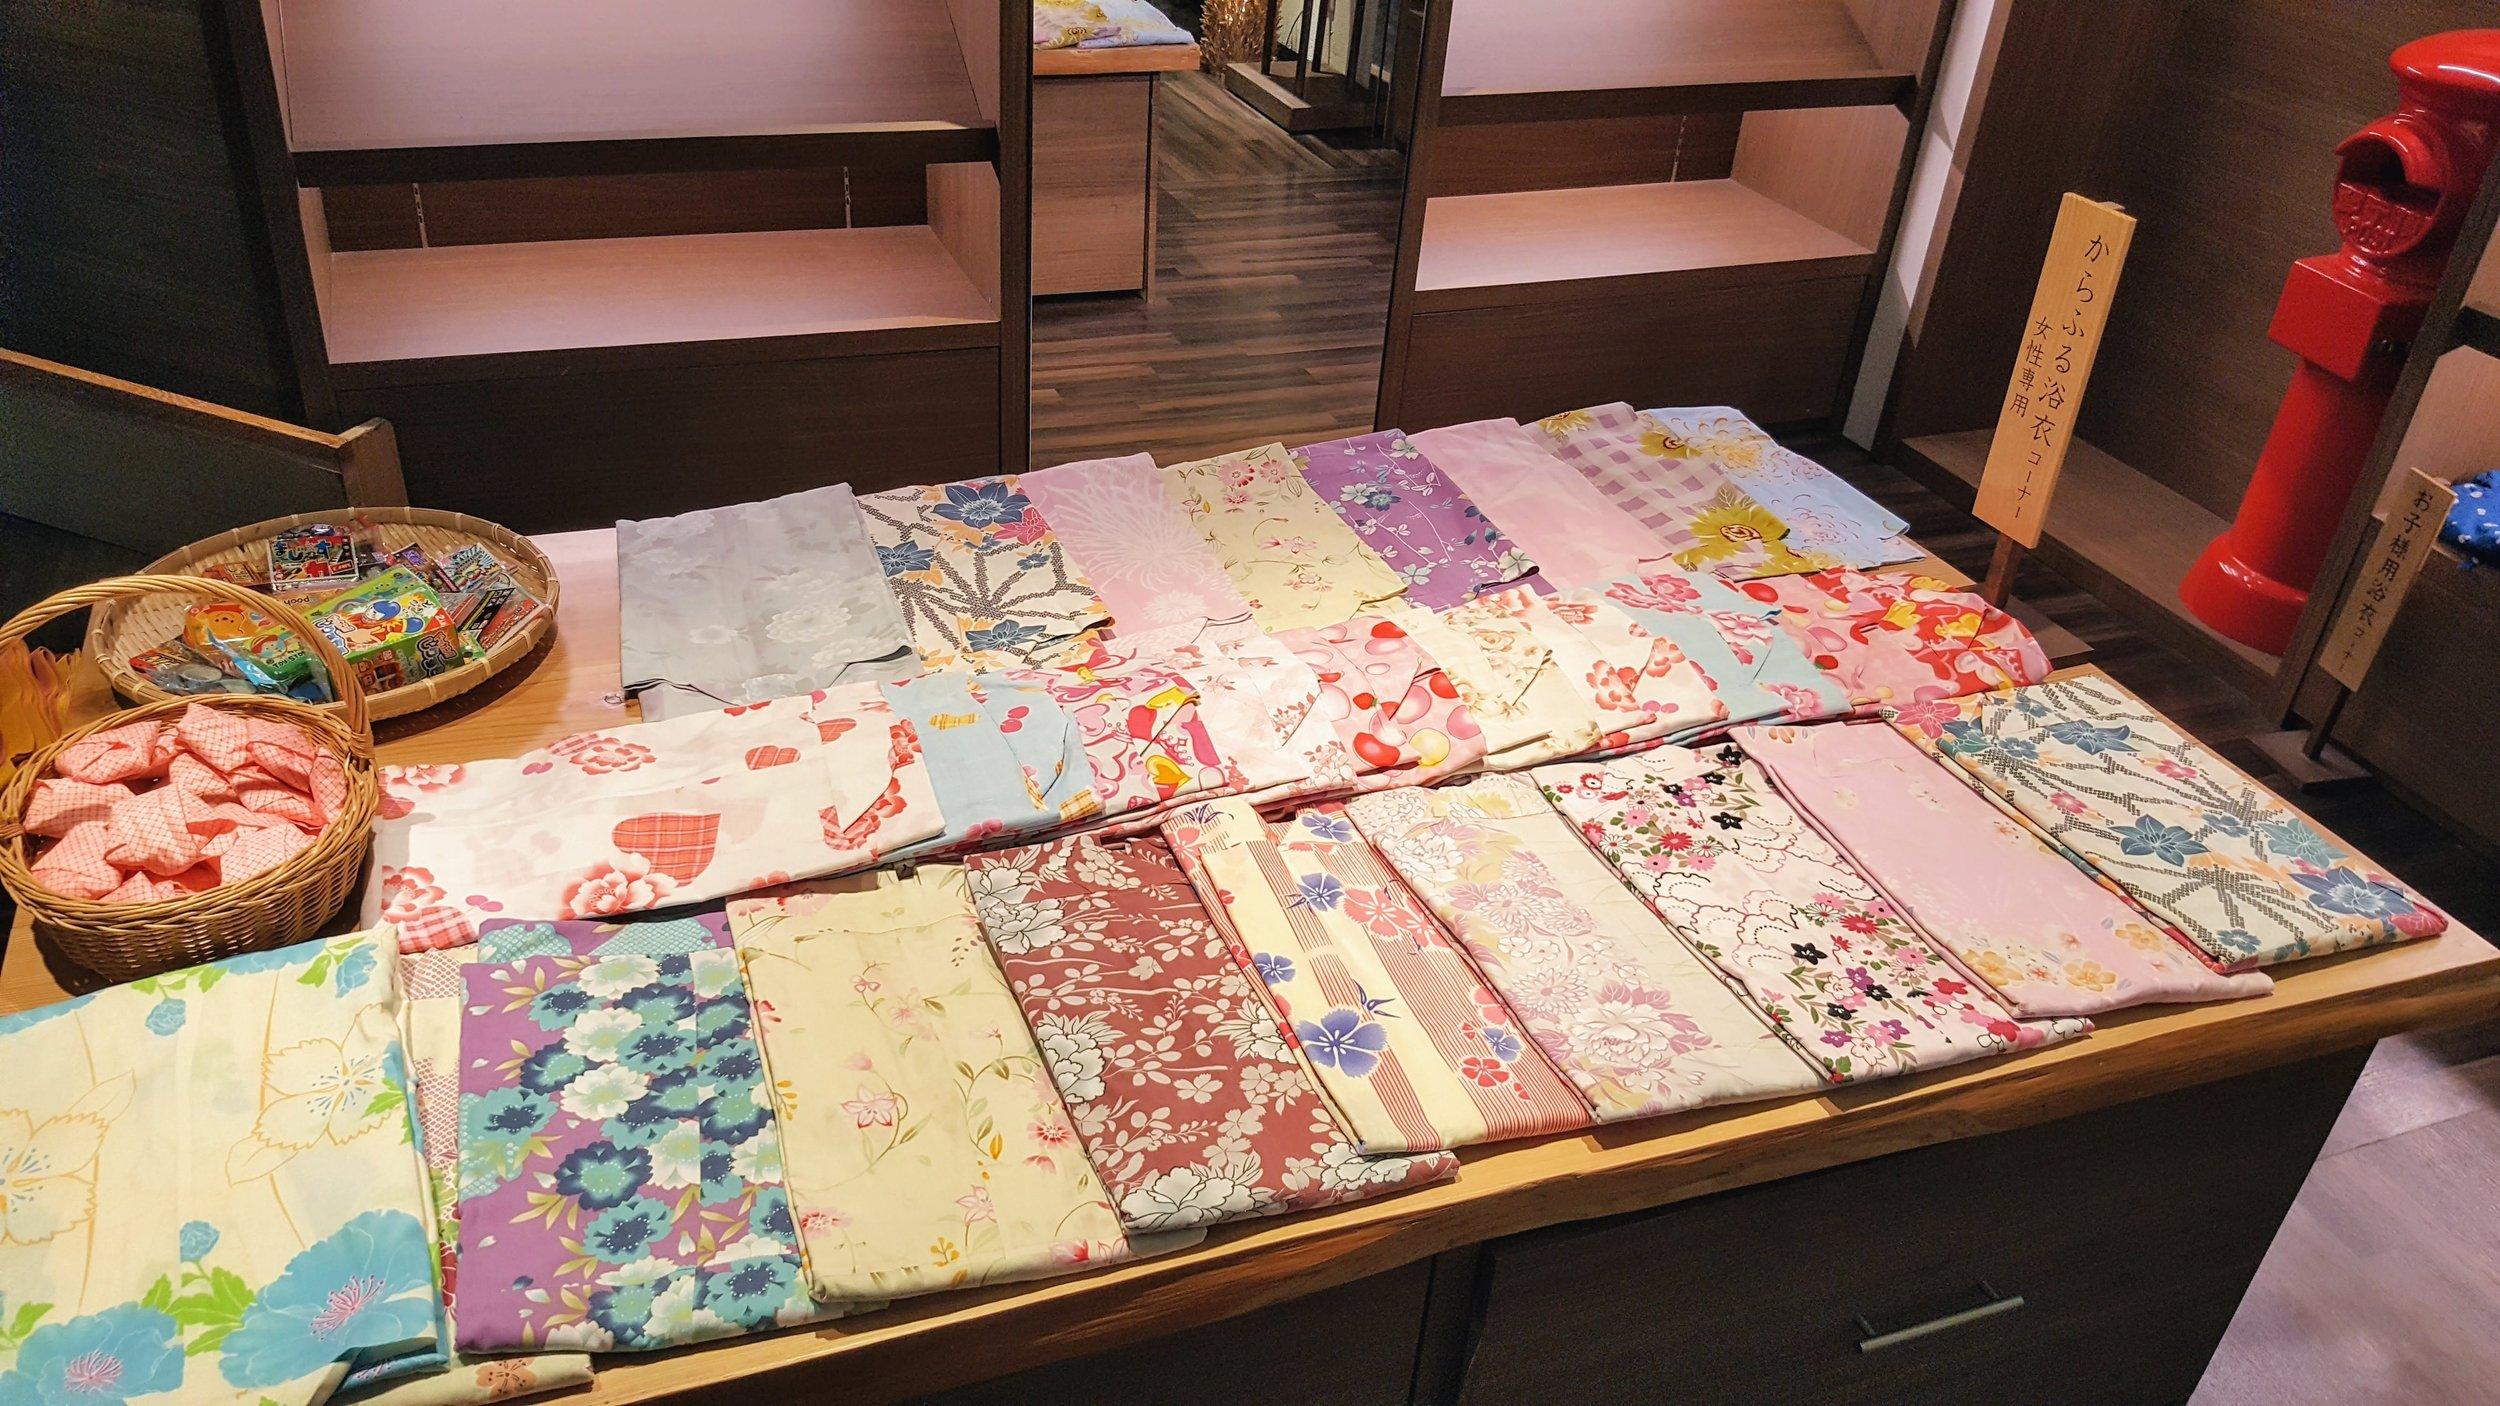 So many pretty yukata selections!